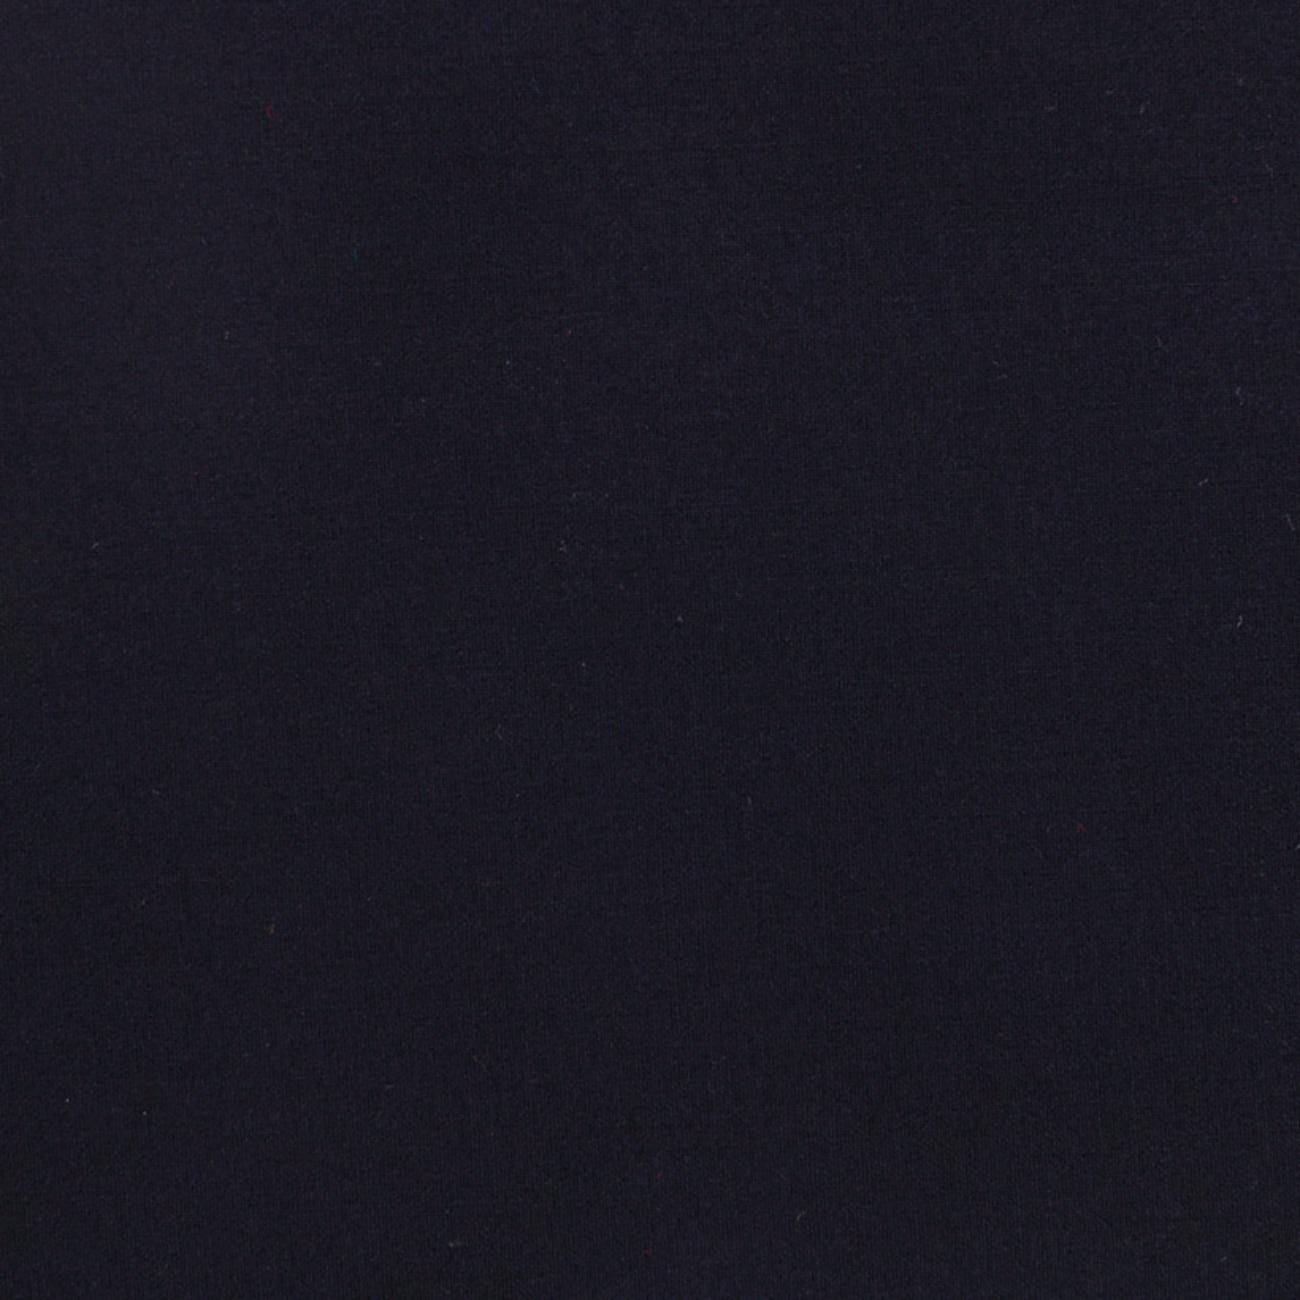 毛纺 素色 羊毛 染色 薄 精仿 西装 职业装 春秋 女装 男装 71122-36